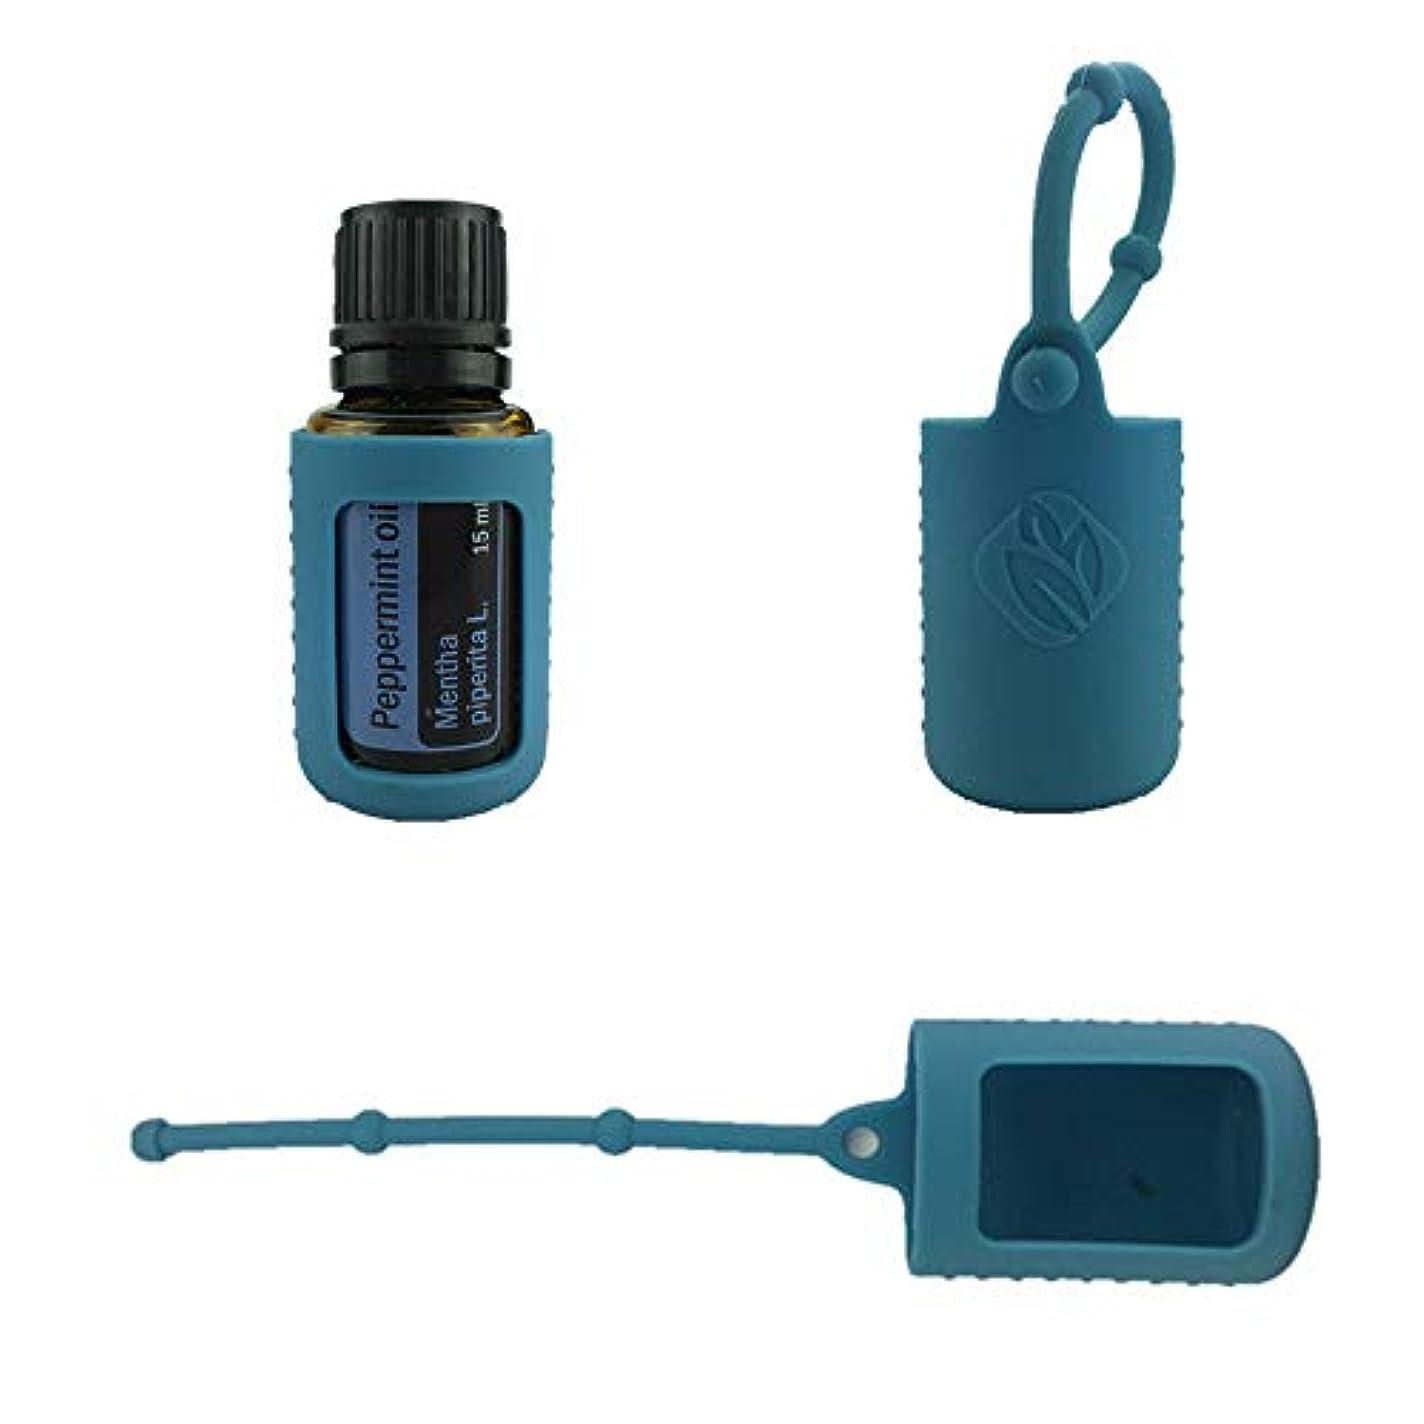 海峡マイクロプロセッサ自動化6パック熱望オイルボトルシリコンローラーボトルホルダースリーブエッセンシャルオイルボトル保護カバーケースハングロープ - ダンク ブルー - 6-pcs 5ml